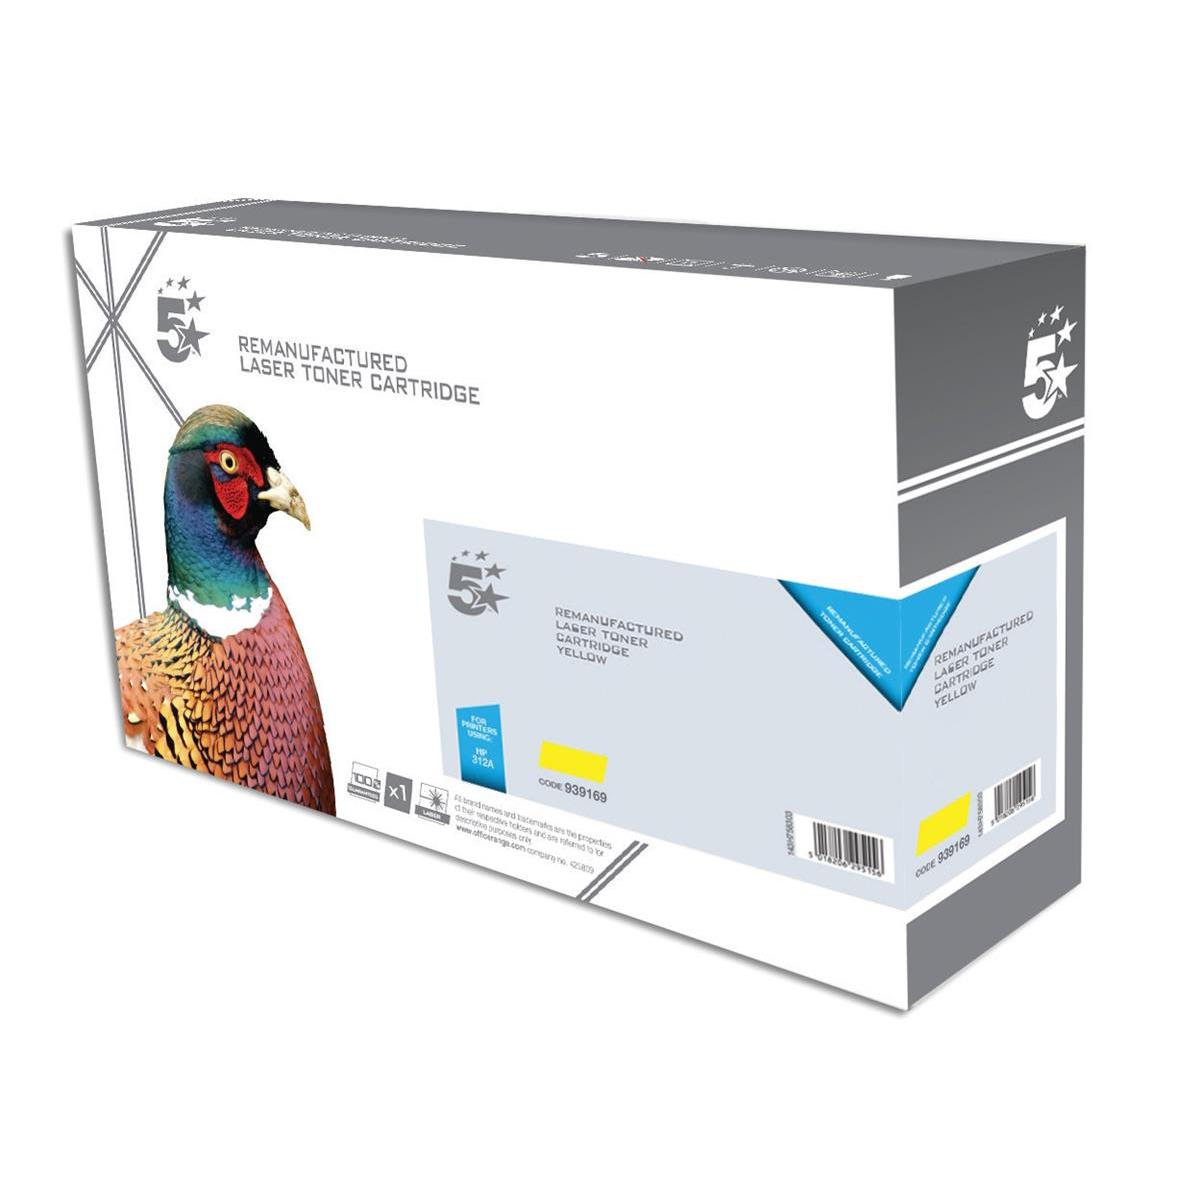 5StarOffice 312A HPTonerCart Yell CF382A